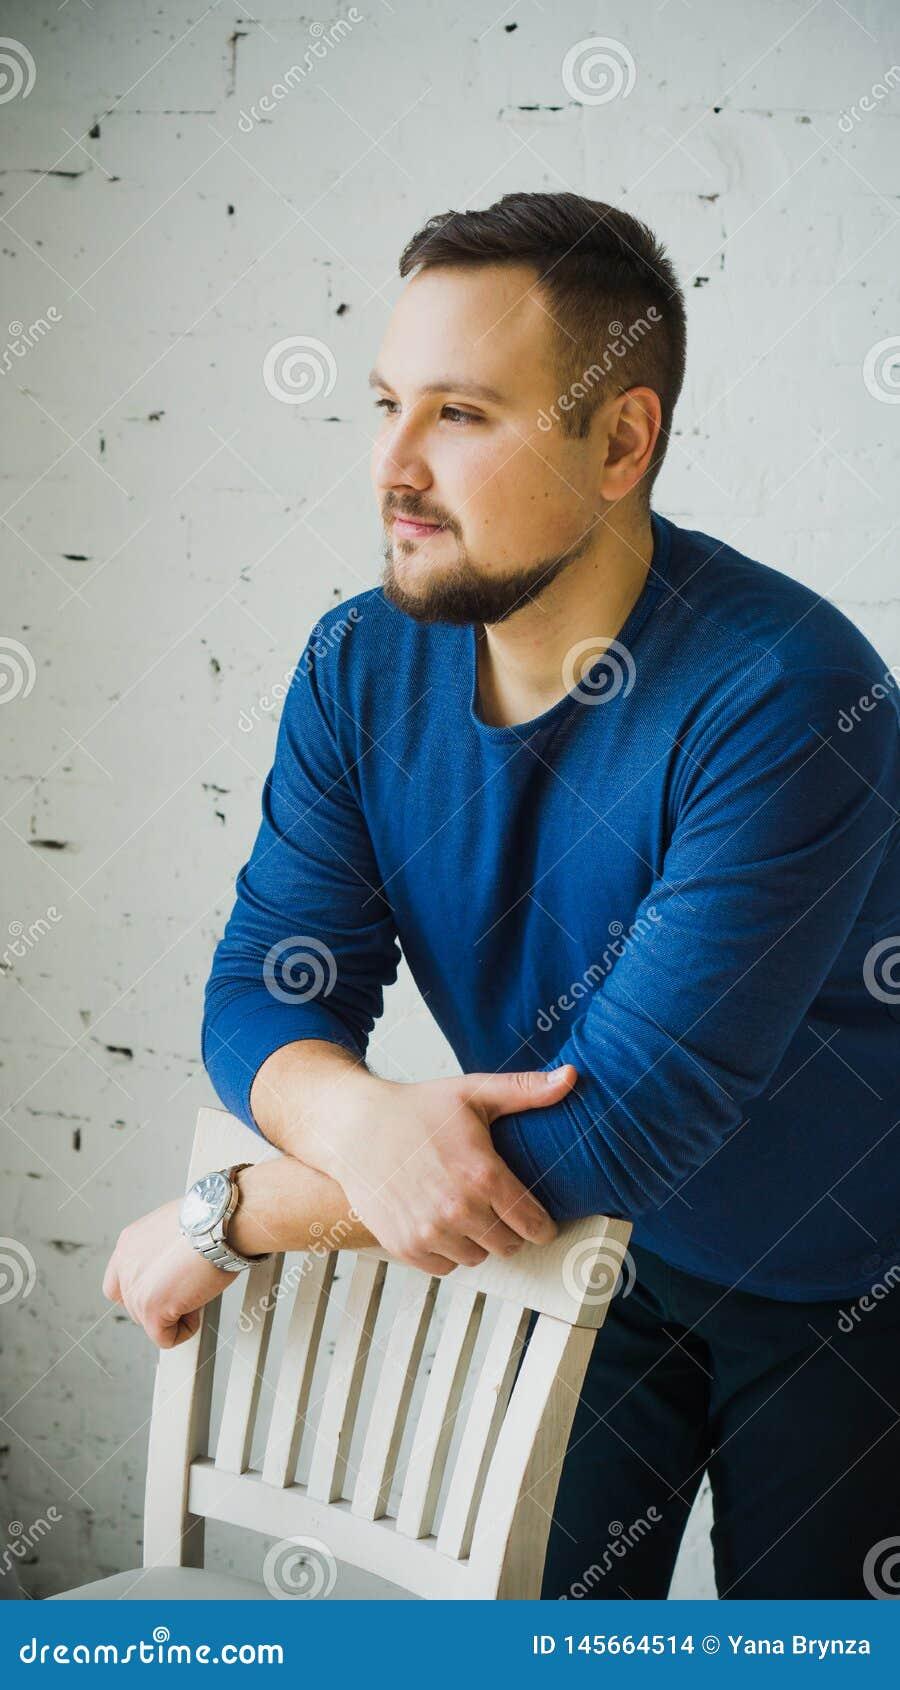 Un giovane che pende sul retro di una sedia guarda al lato contro un muro di mattoni bianco